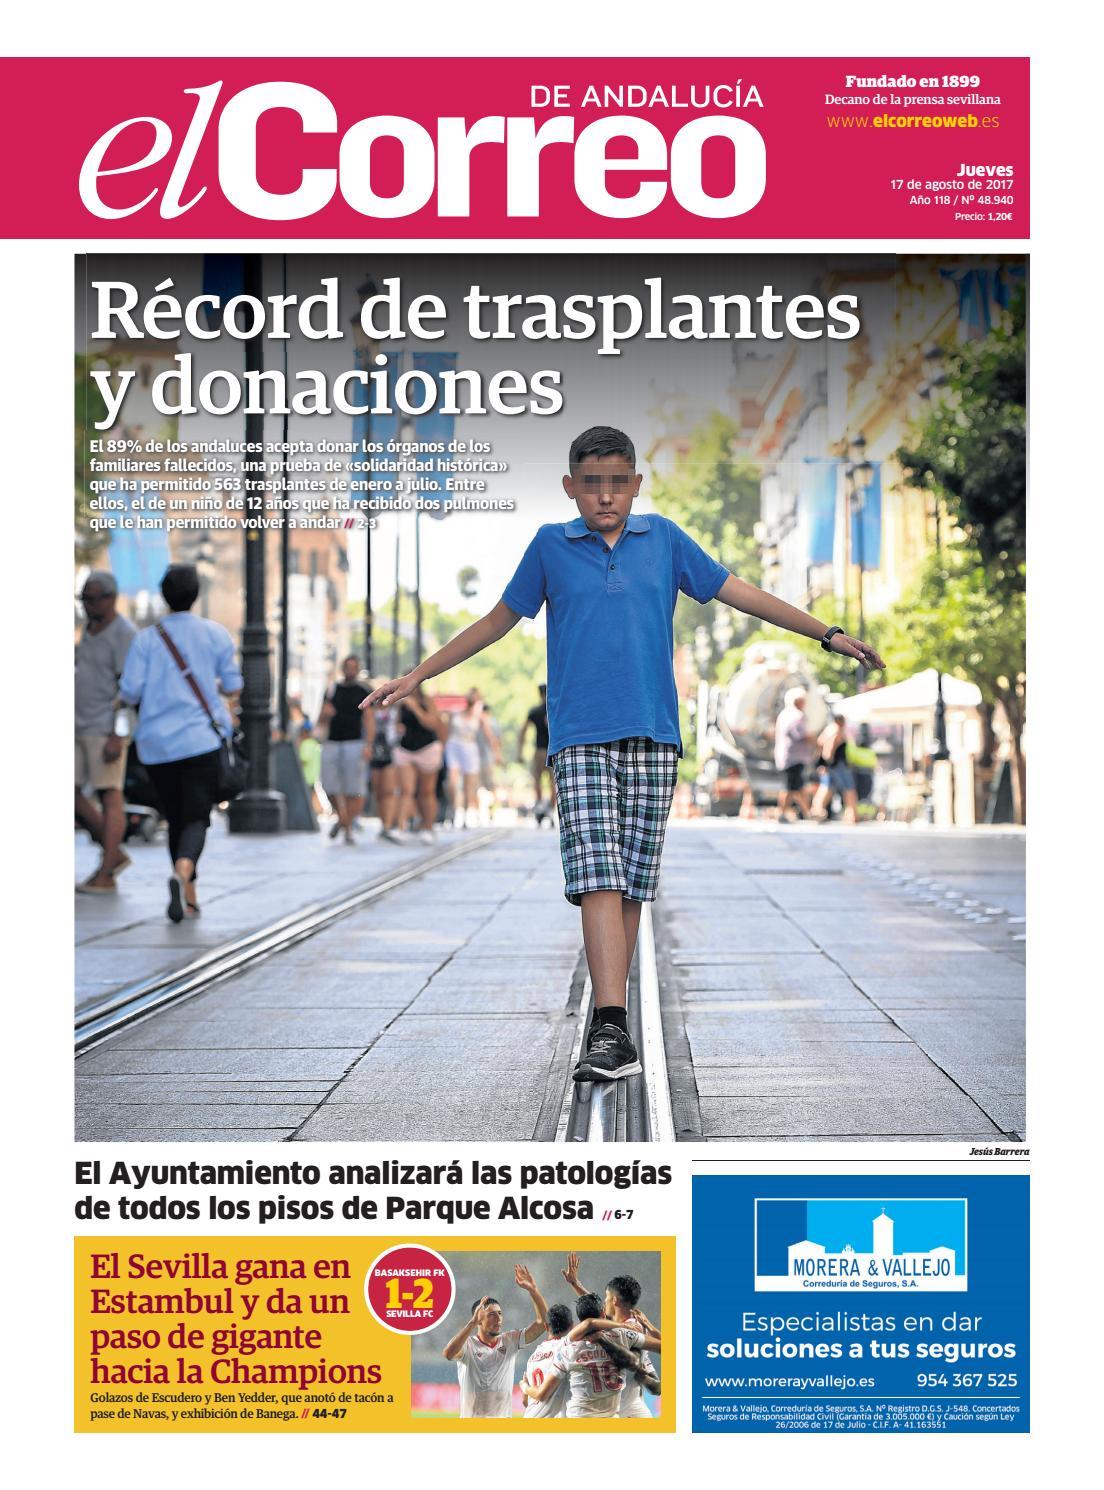 af2602f7d6 17.08.2017 El Correo de Andalucía by EL CORREO DE ANDALUCÍA S.L. - issuu